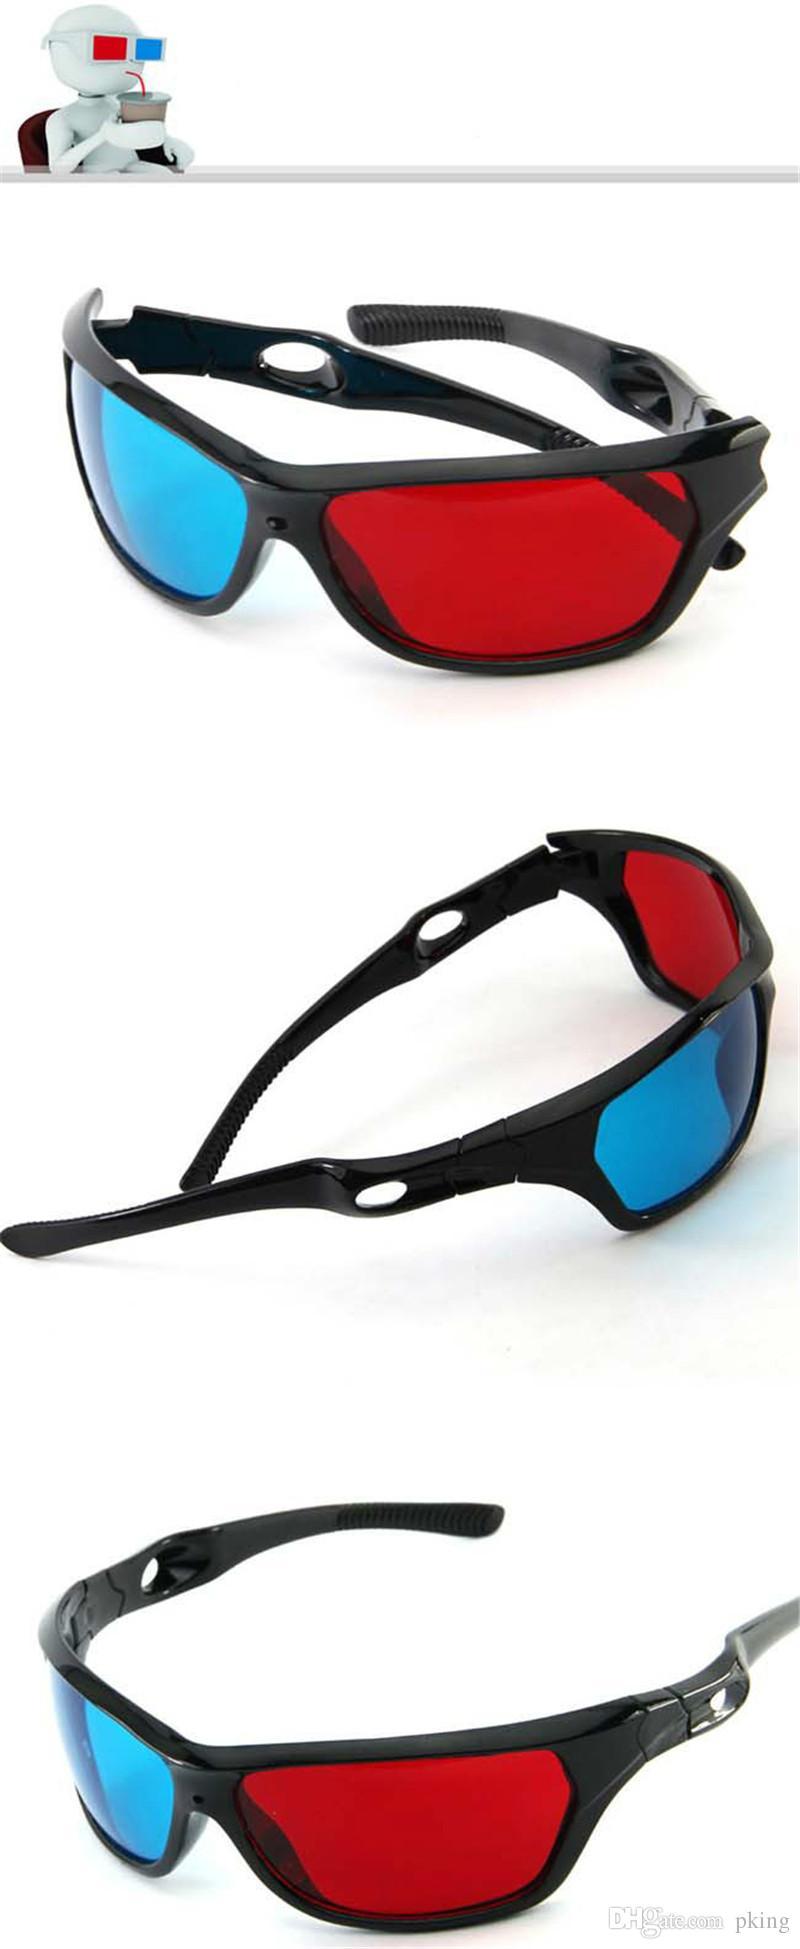 Yeni Siyah Çerçeve Evrensel 3D Plastik Gözlük / ulculos / Kırmızı Mavi Mavi 3D Cam Anaglyph 3D Film Oyunu DVD Vizyon / Sinema